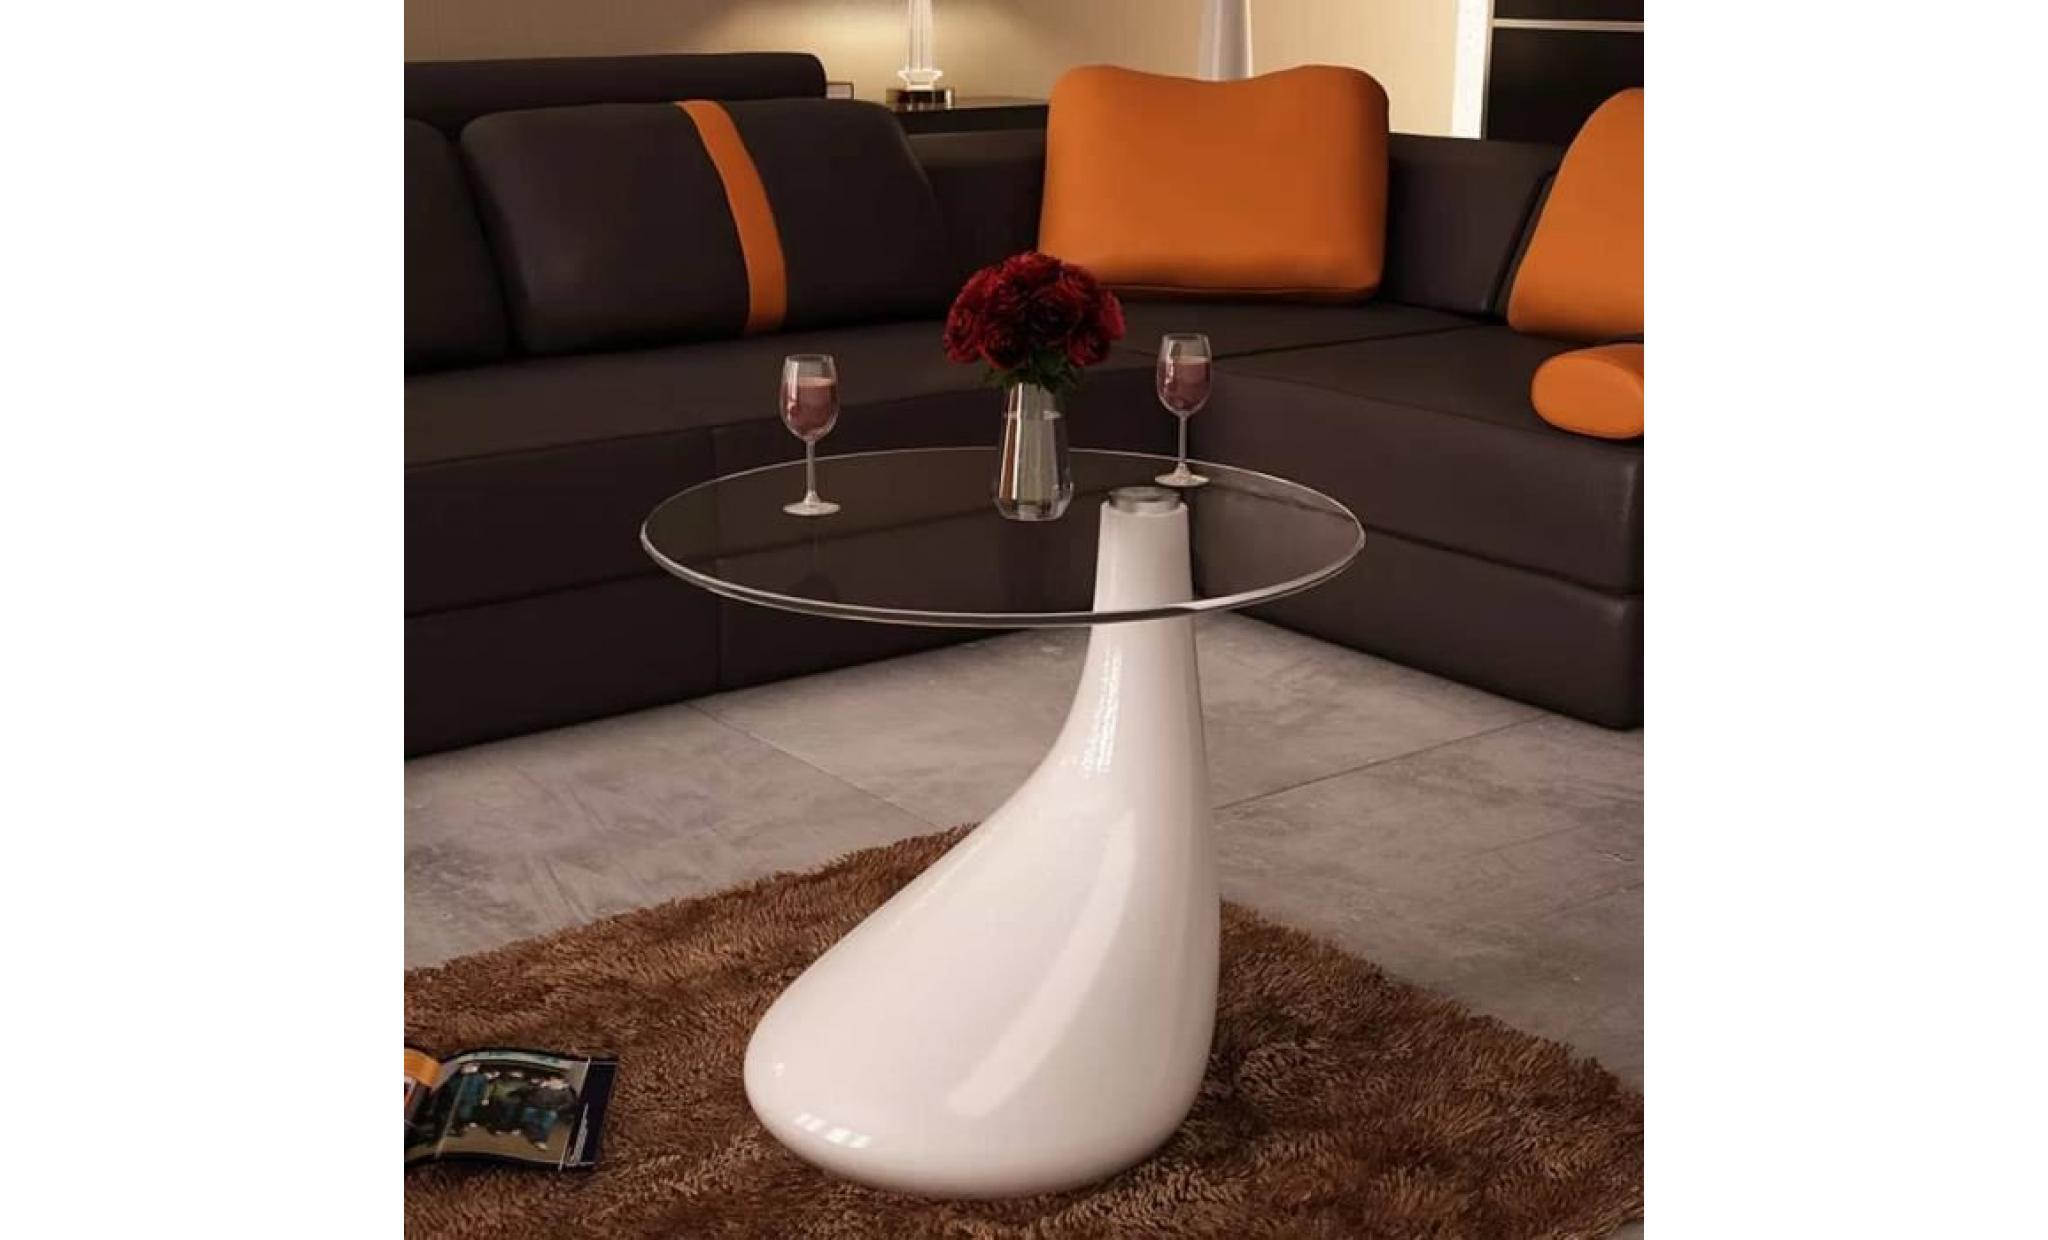 Table Basse Avec Dessus De Table En Verre Rond Blanc Brillant Table Bass Style Contemporain